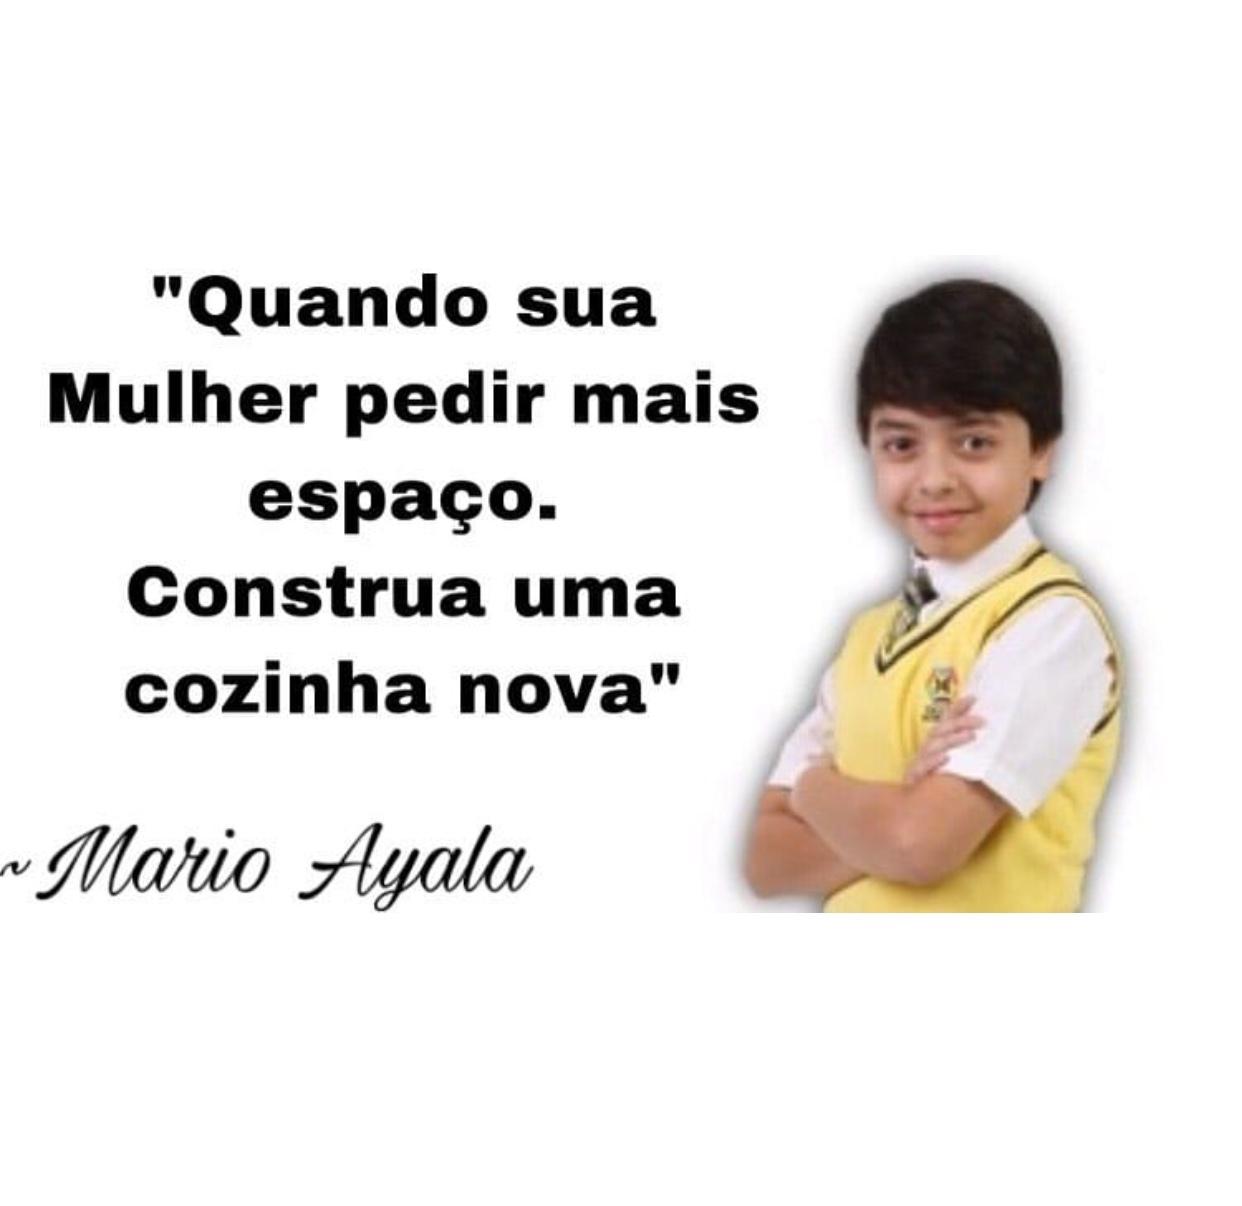 Mario Ayala dando conselhos incríveis - meme